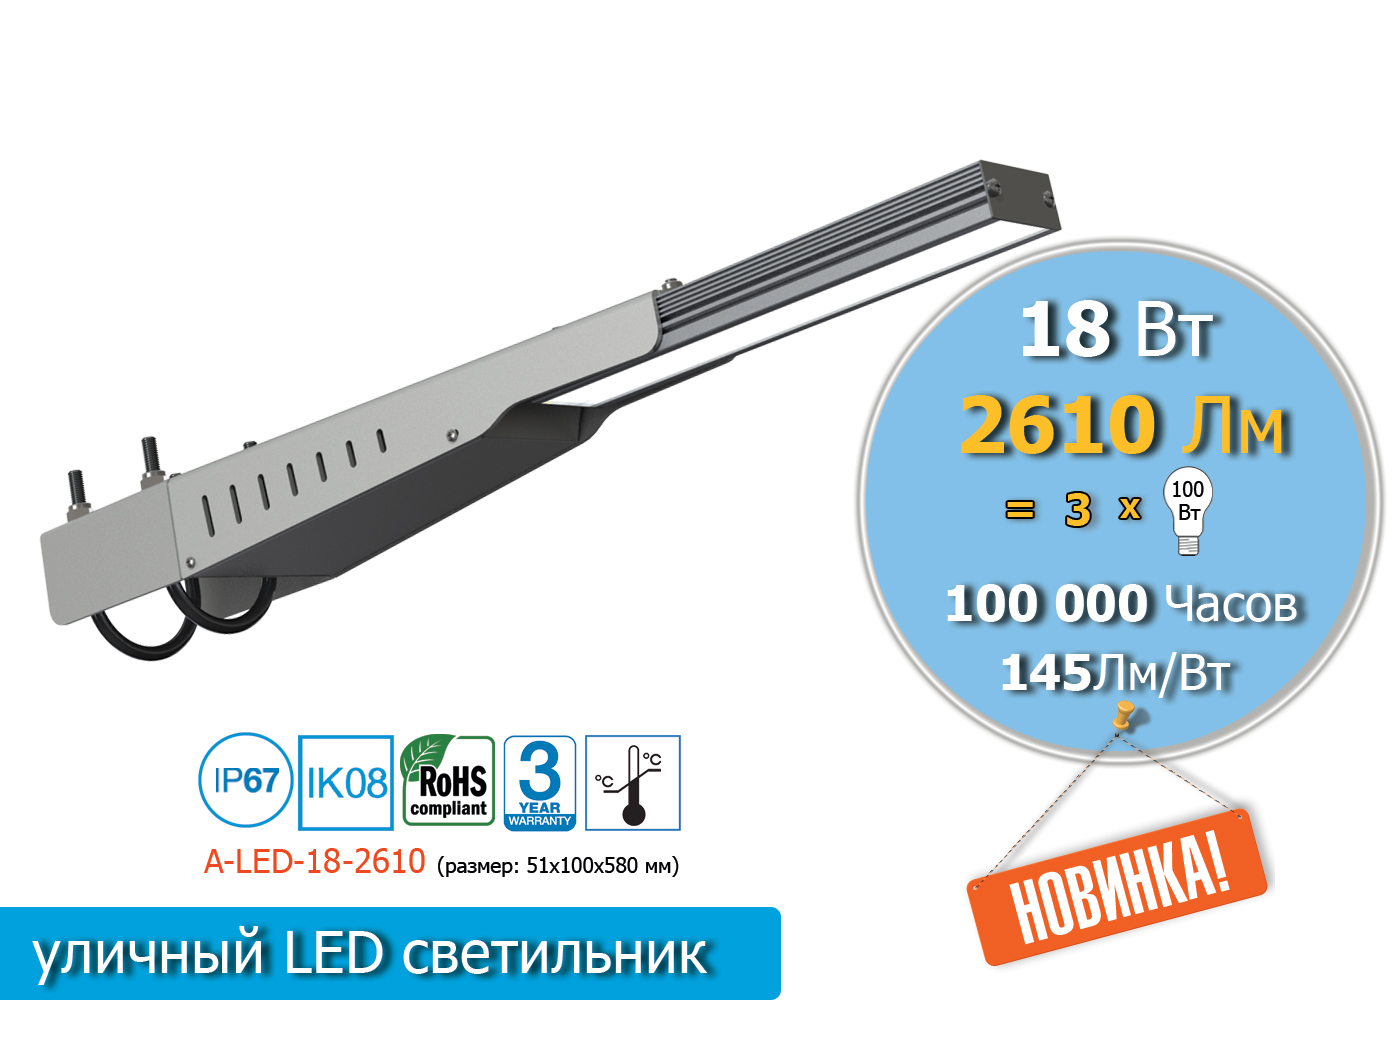 A-LED-18-2610